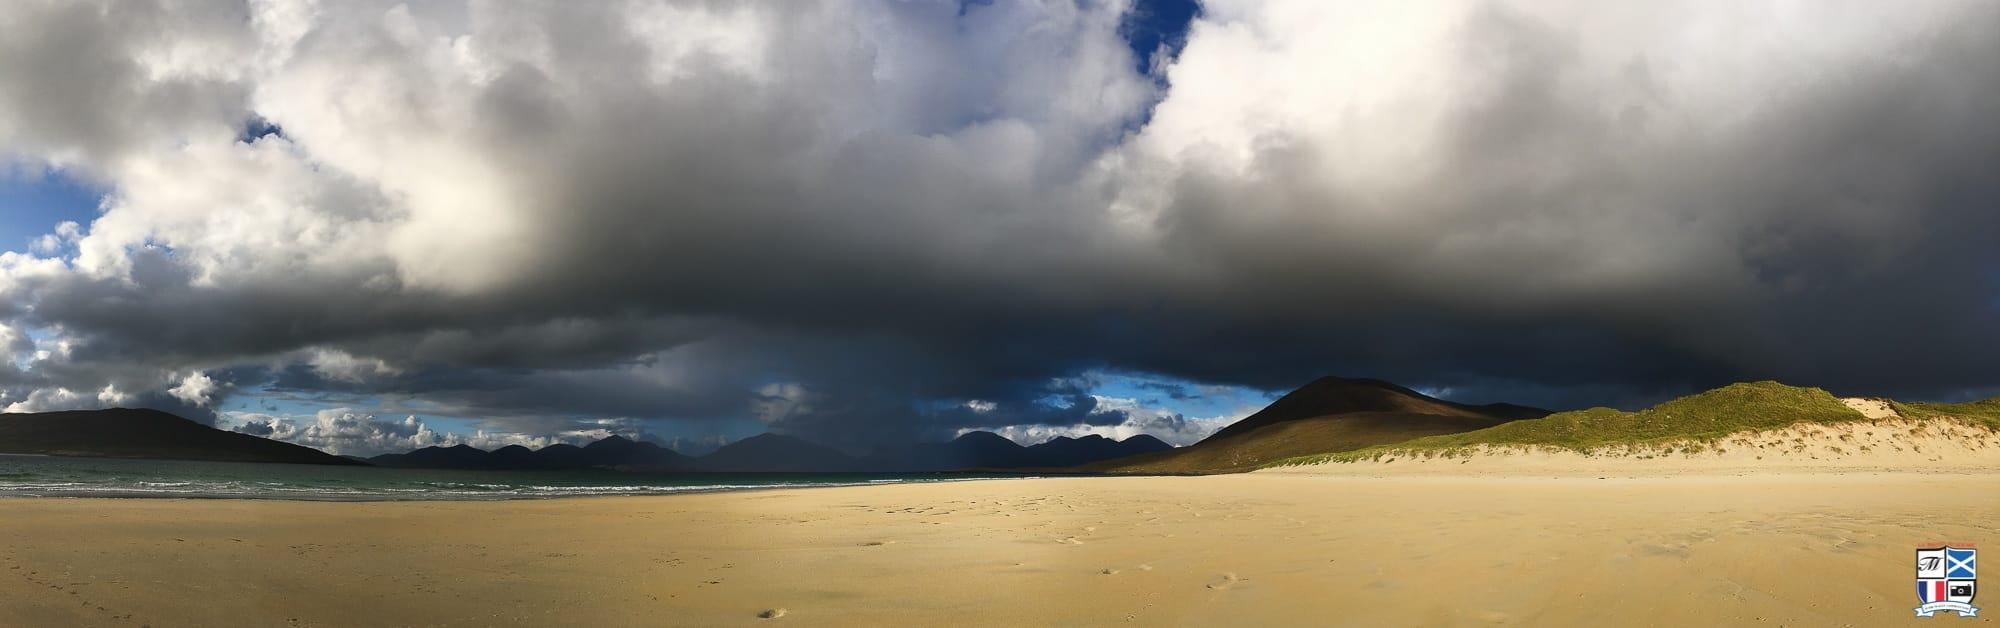 La belle plage de luskentyre sur Harris